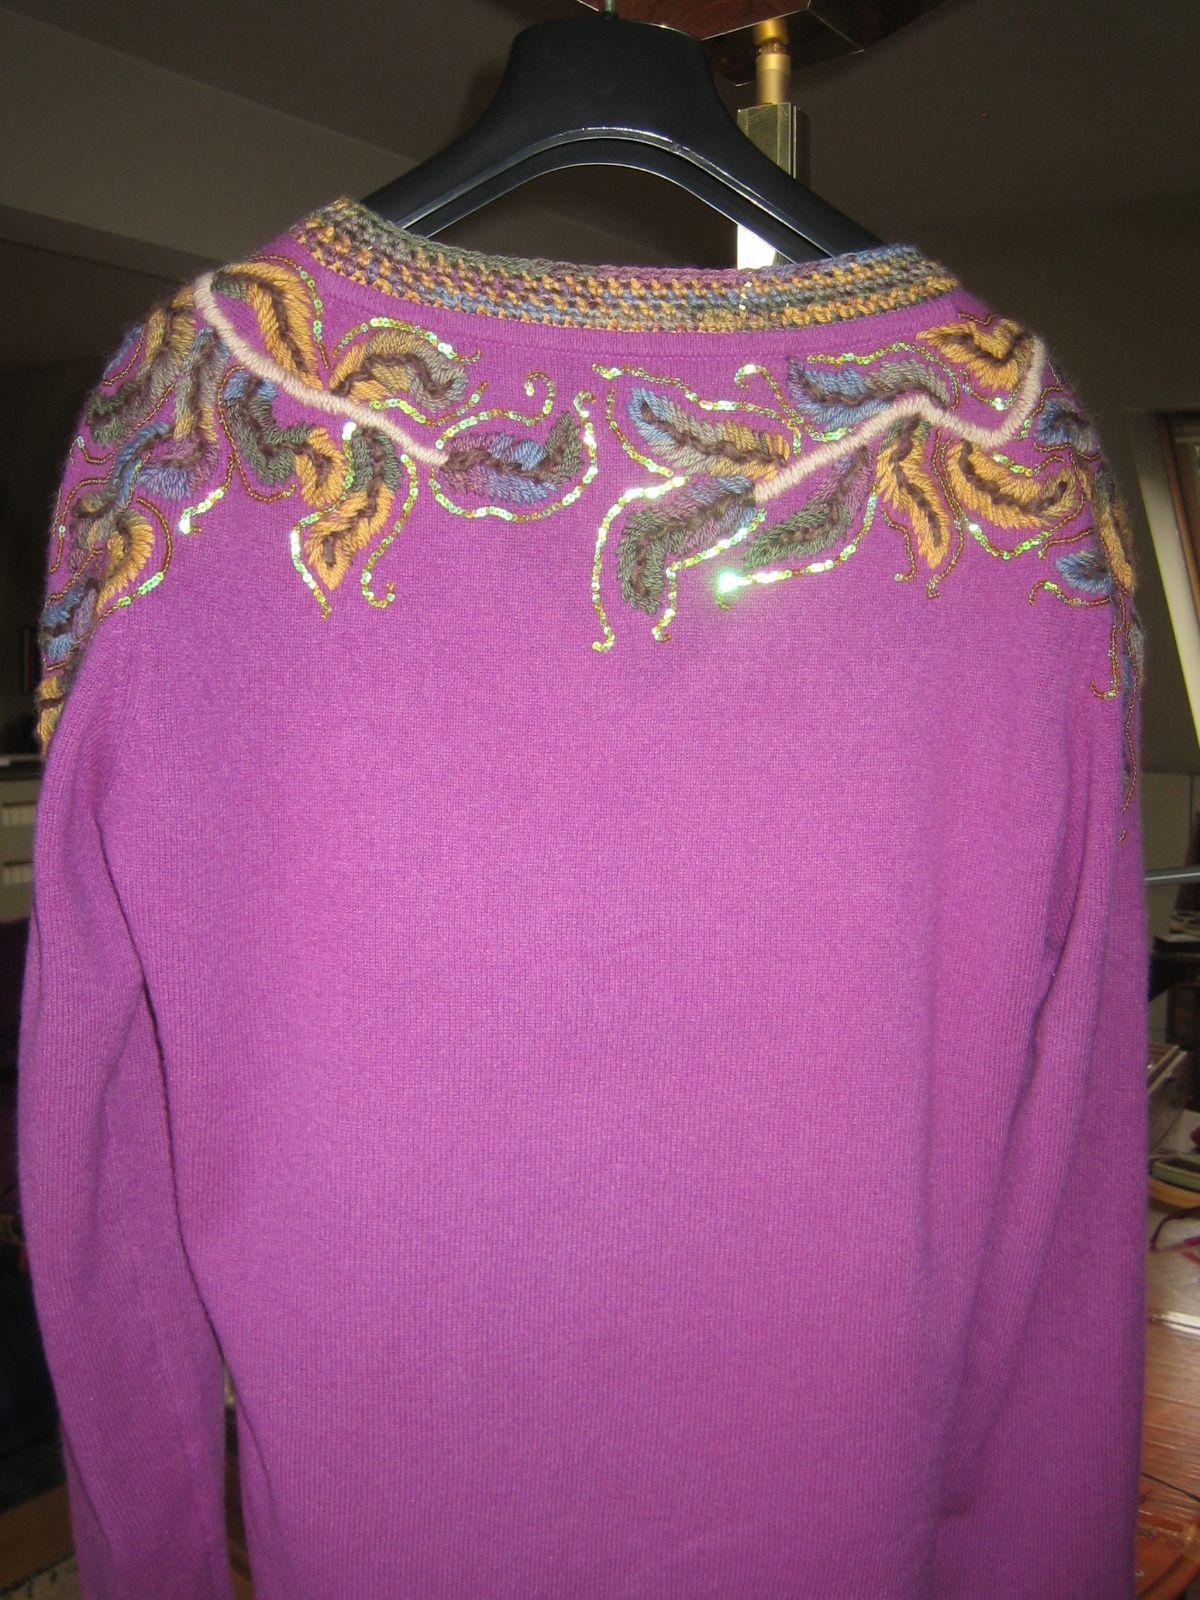 Embelished sweater